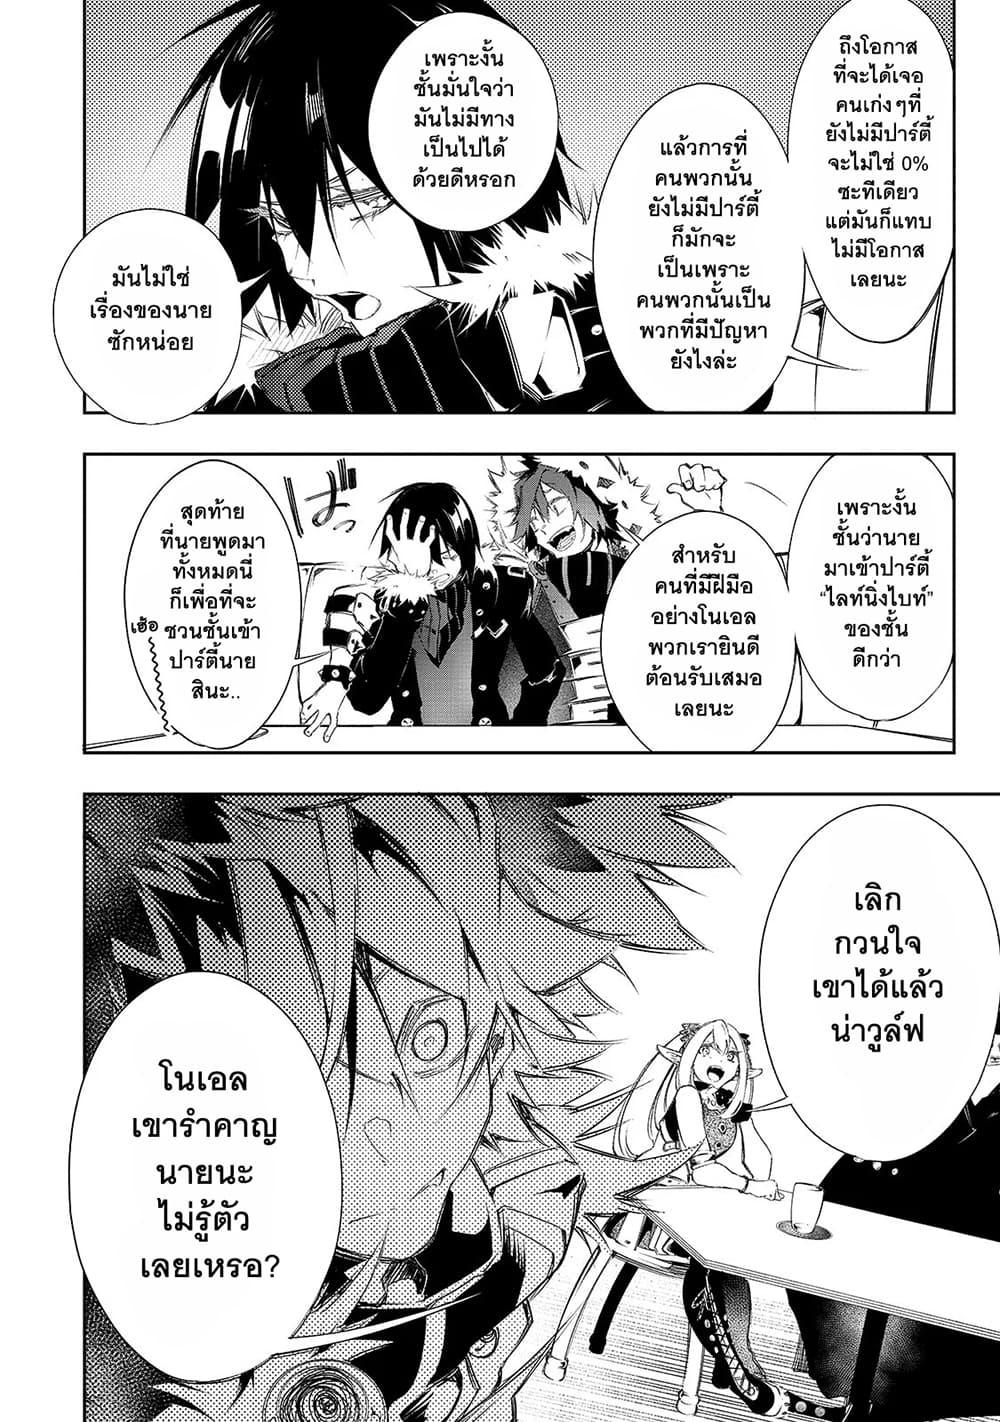 อ่านการ์ตูน Saikyou no Shien-shoku Wajutsushi Dearu Ore wa Sekai Saikyou Kuran o Shitagaeru ตอนที่ 9 หน้าที่ 13